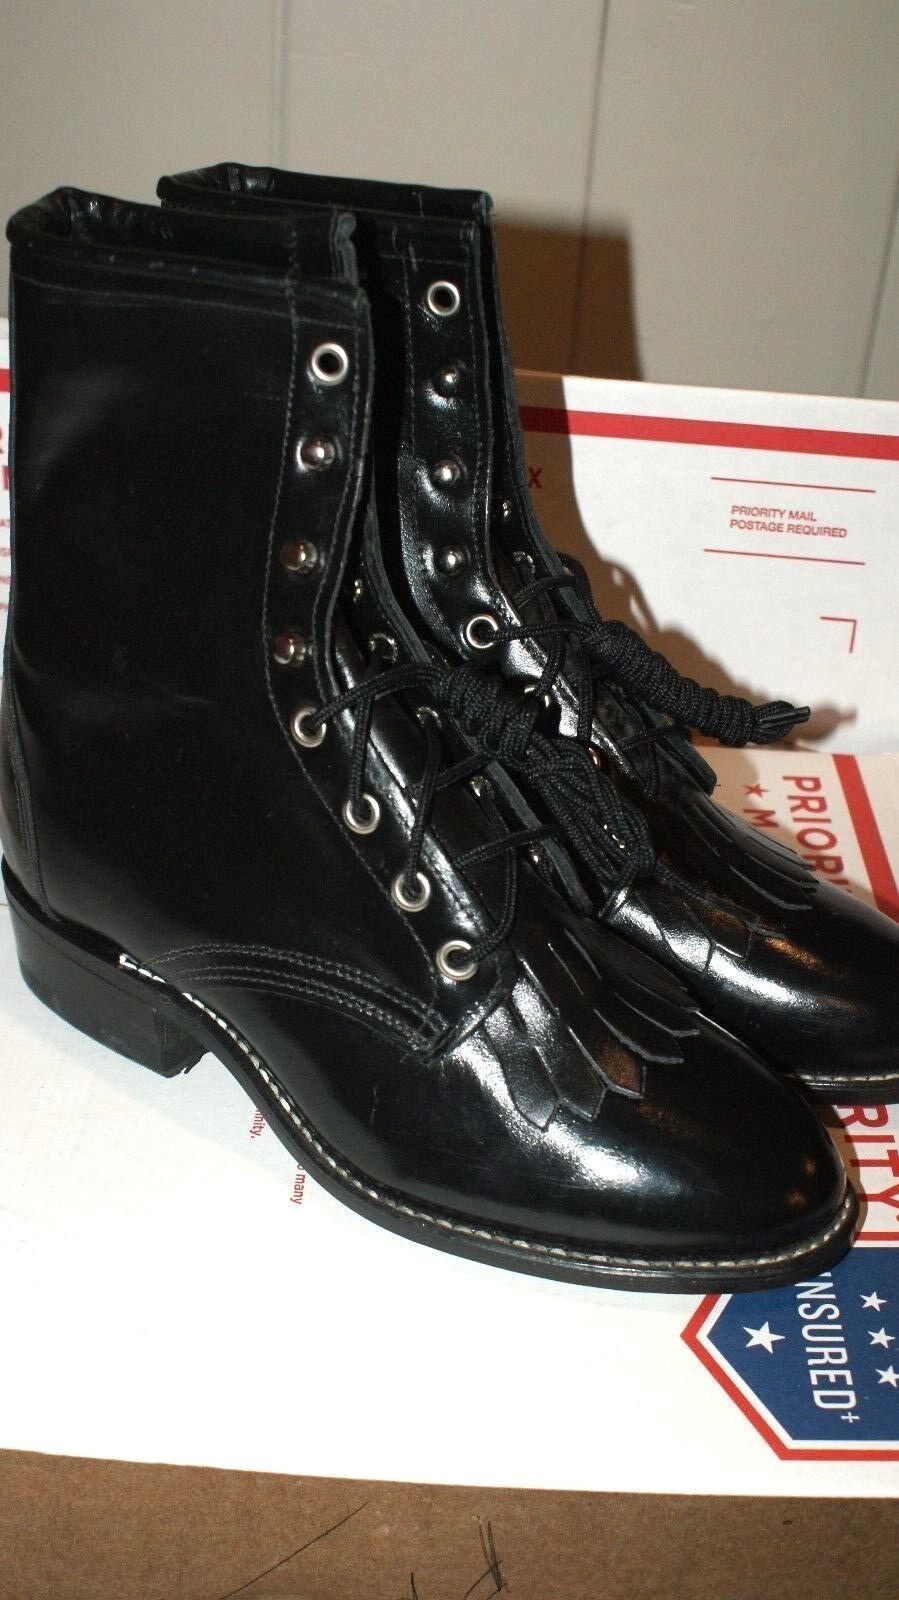 Womens Laredo Logger Cowboy Western Boots Sizes 5 5.5 6.5 M NEW NWOB Round Toe